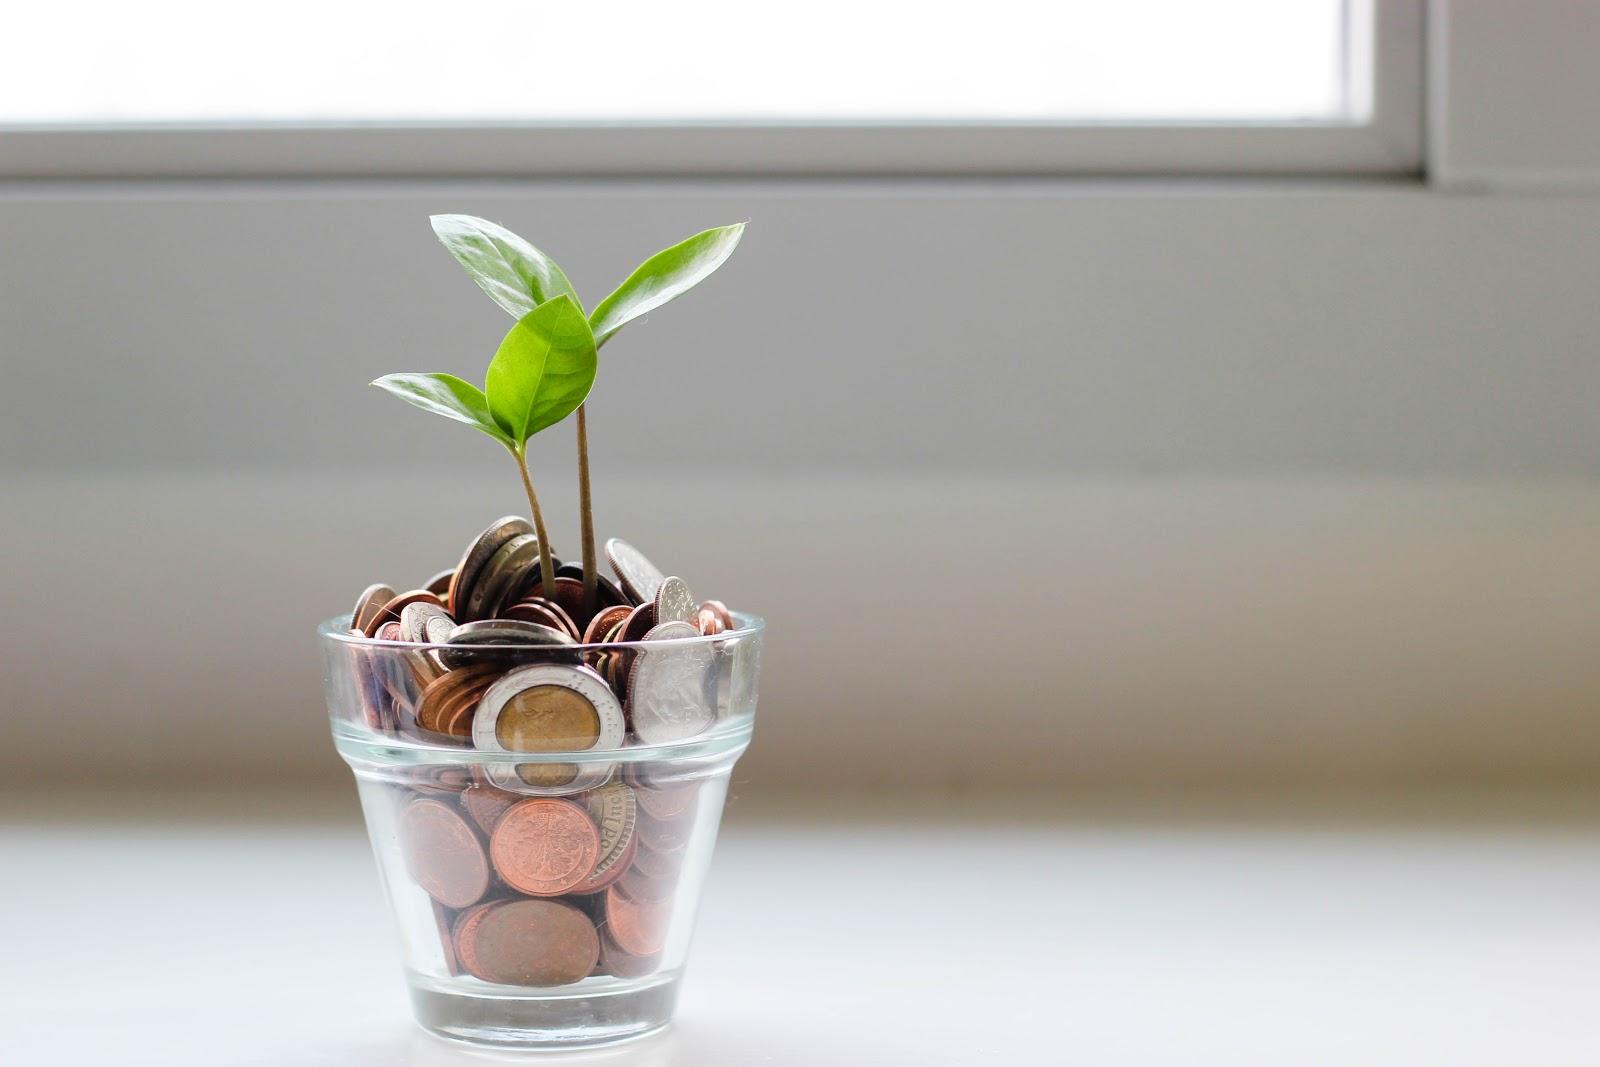 saving coins in a pot